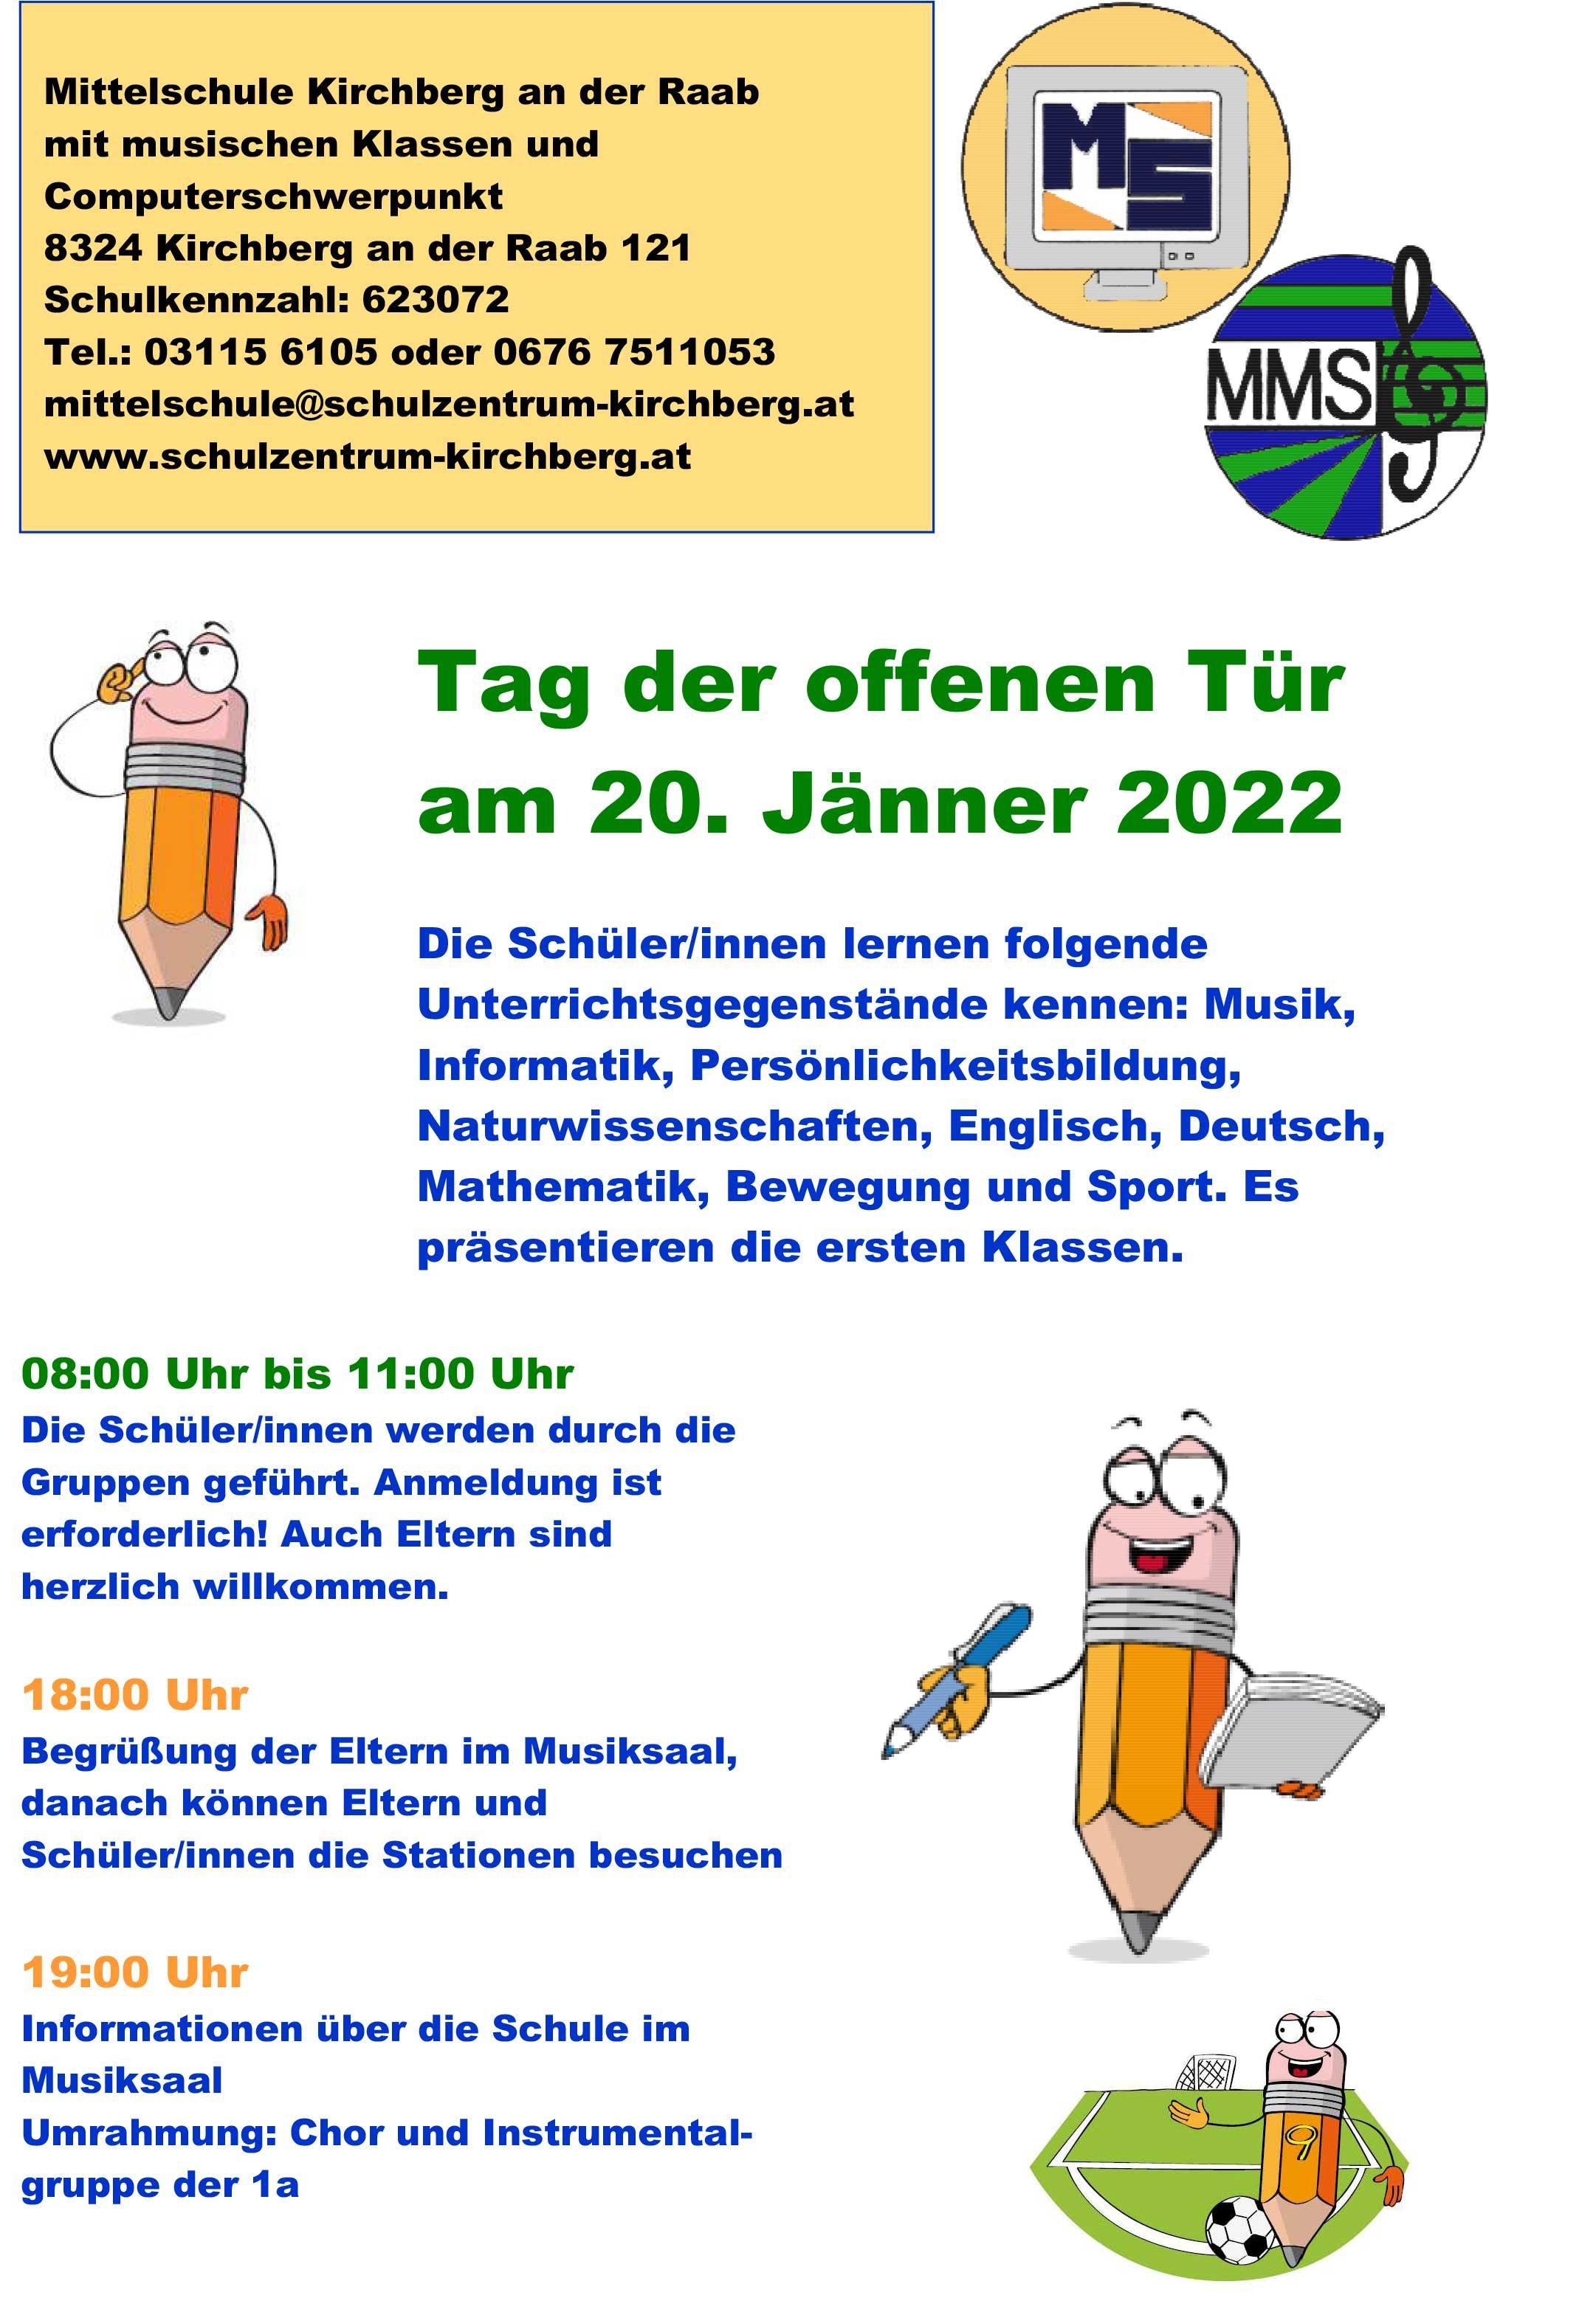 Tag-der-offenen-Tuer-2022